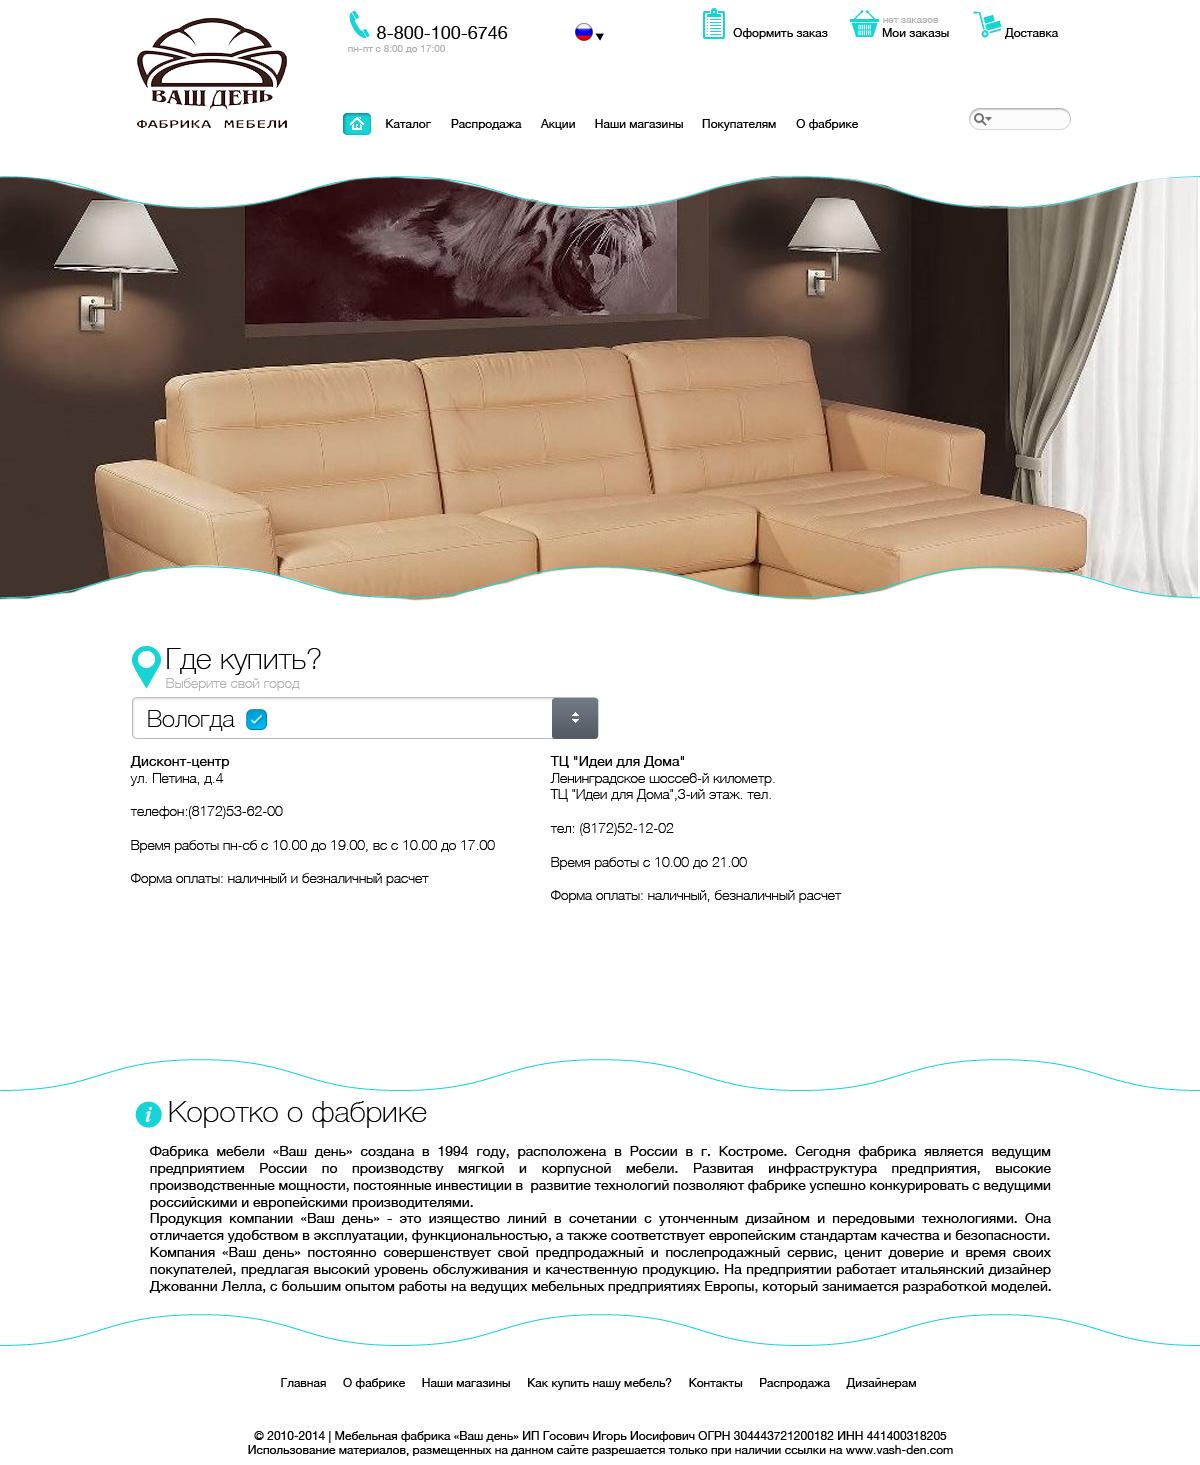 Разработать дизайн для интернет-магазина мебели фото f_83852e287432100c.jpg